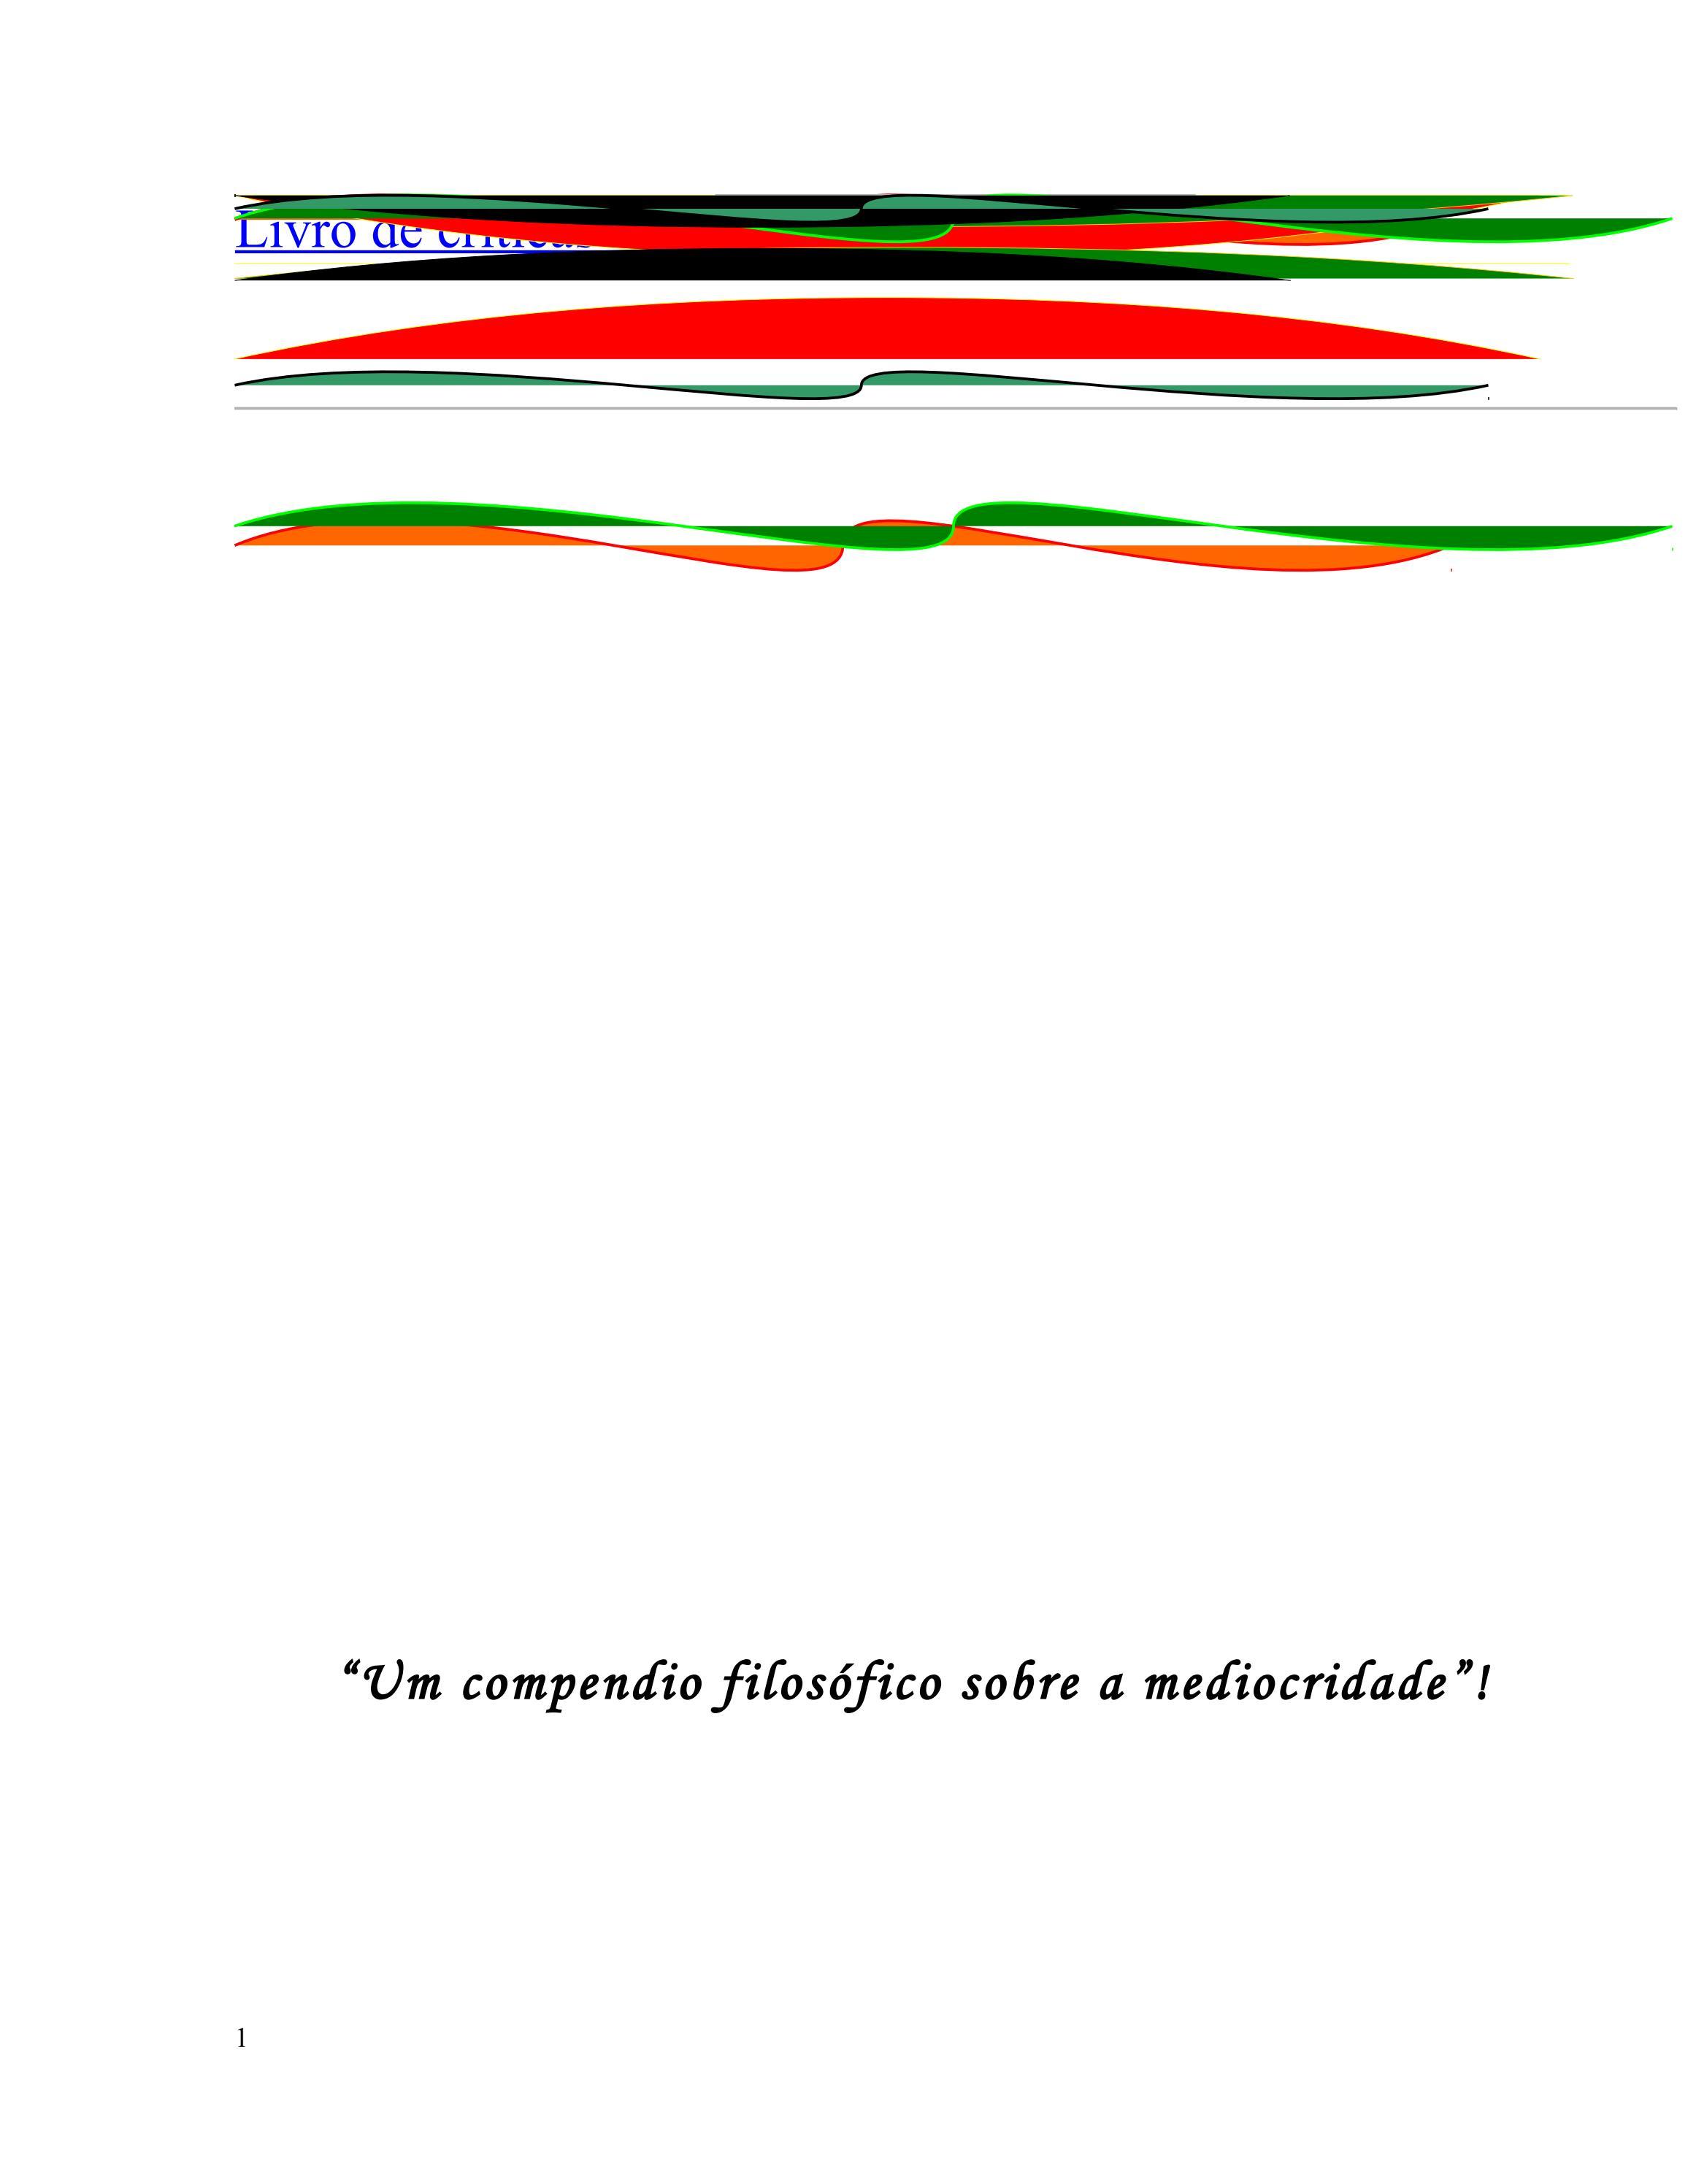 Livro de criticas ácidas(revisão final) by Fernando Alarcon - issuu e9641d0860a91